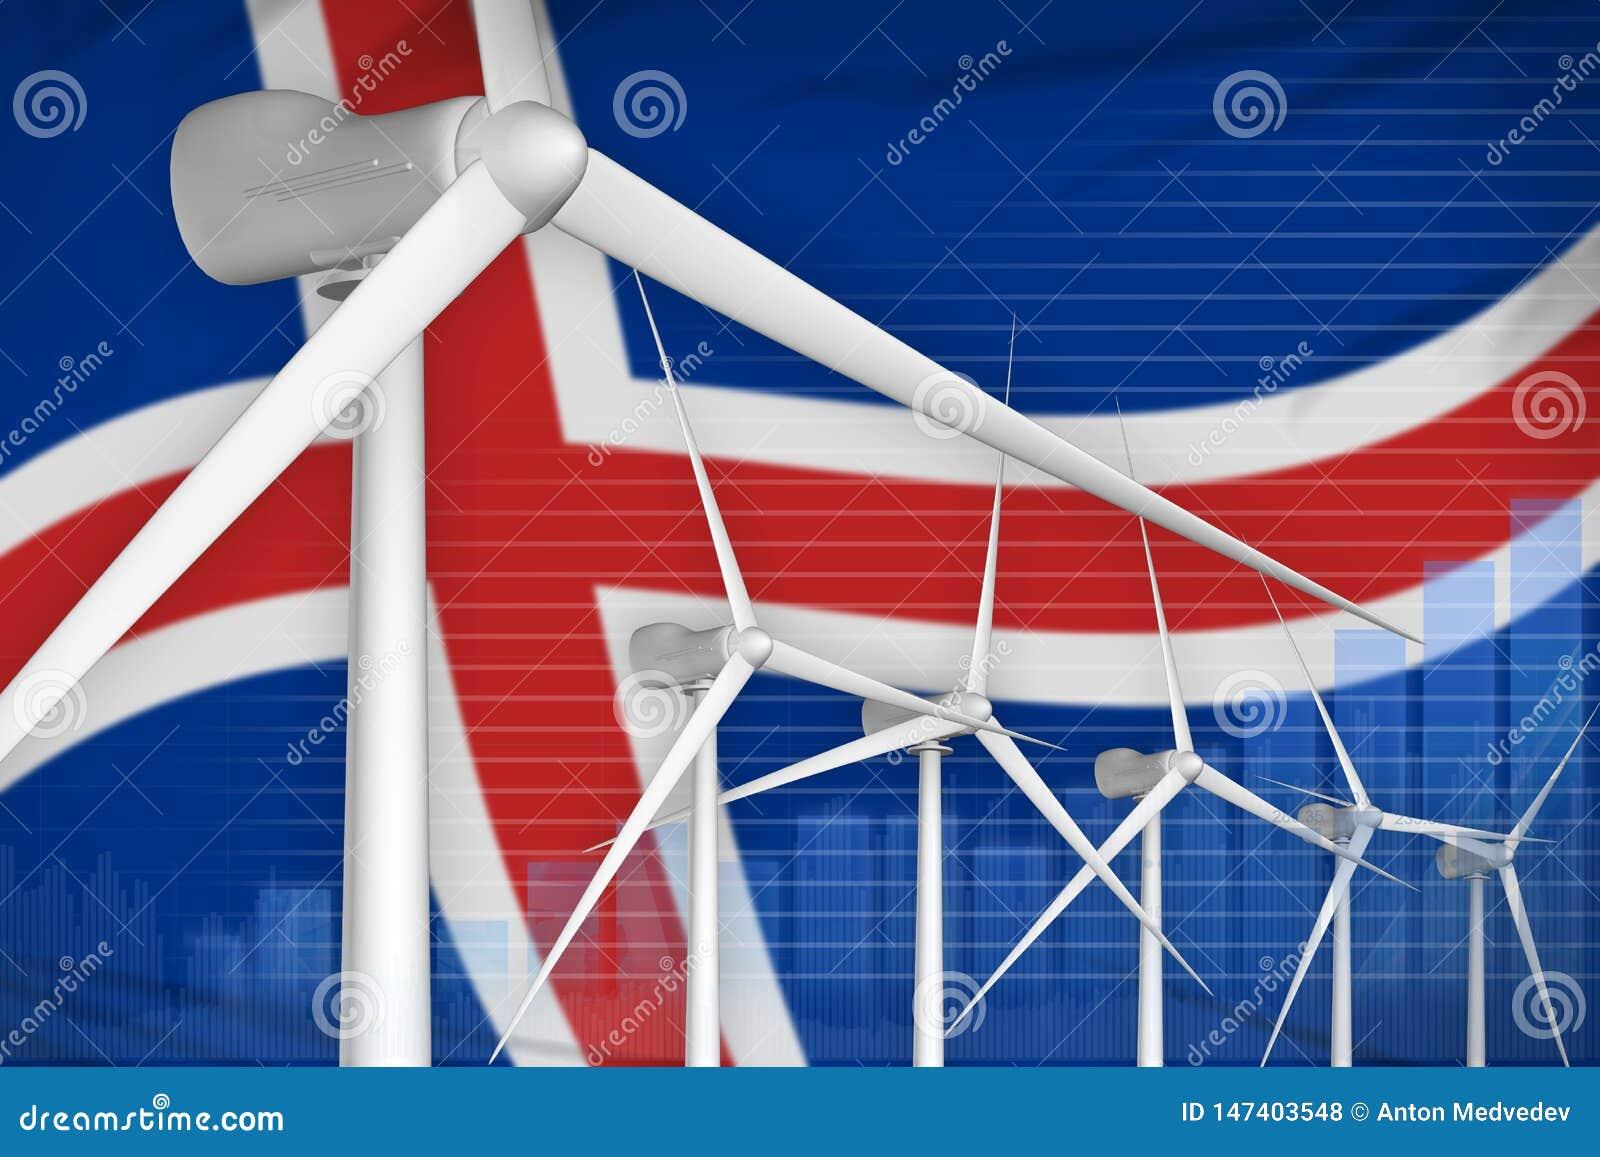 Digitales Diagrammkonzept der Island-Windenergie-Energie - moderne industrielle Illustration der natürlichen Energie Abbildung 3D